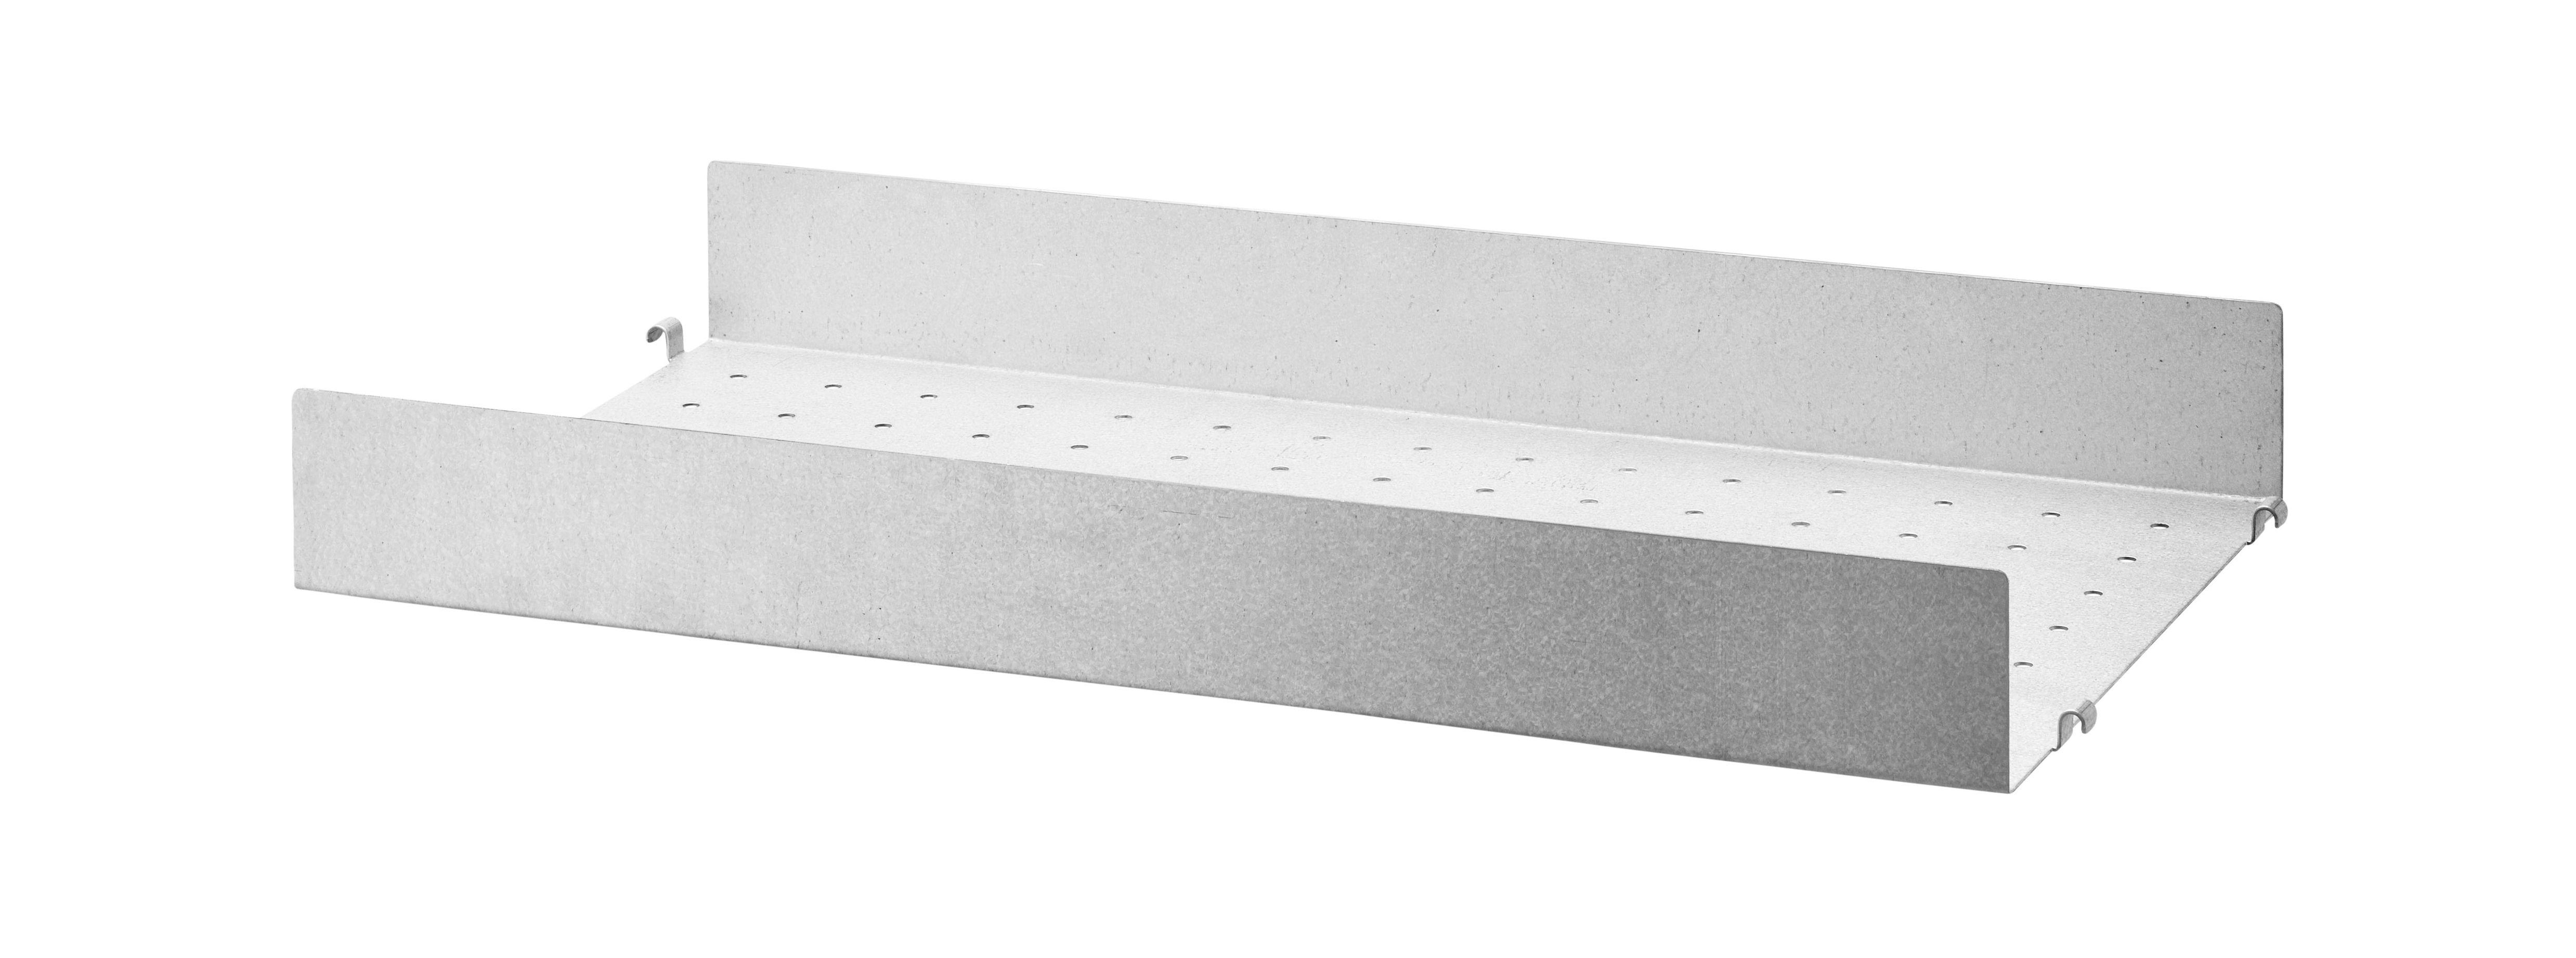 Arredamento - Scaffali e librerie - Scaffale String Outdoor - / Acciaio zincato traforato - Bordo alto - 58 x P 30 cm di String Furniture - Bordo alto / Zincato - Aluzinc